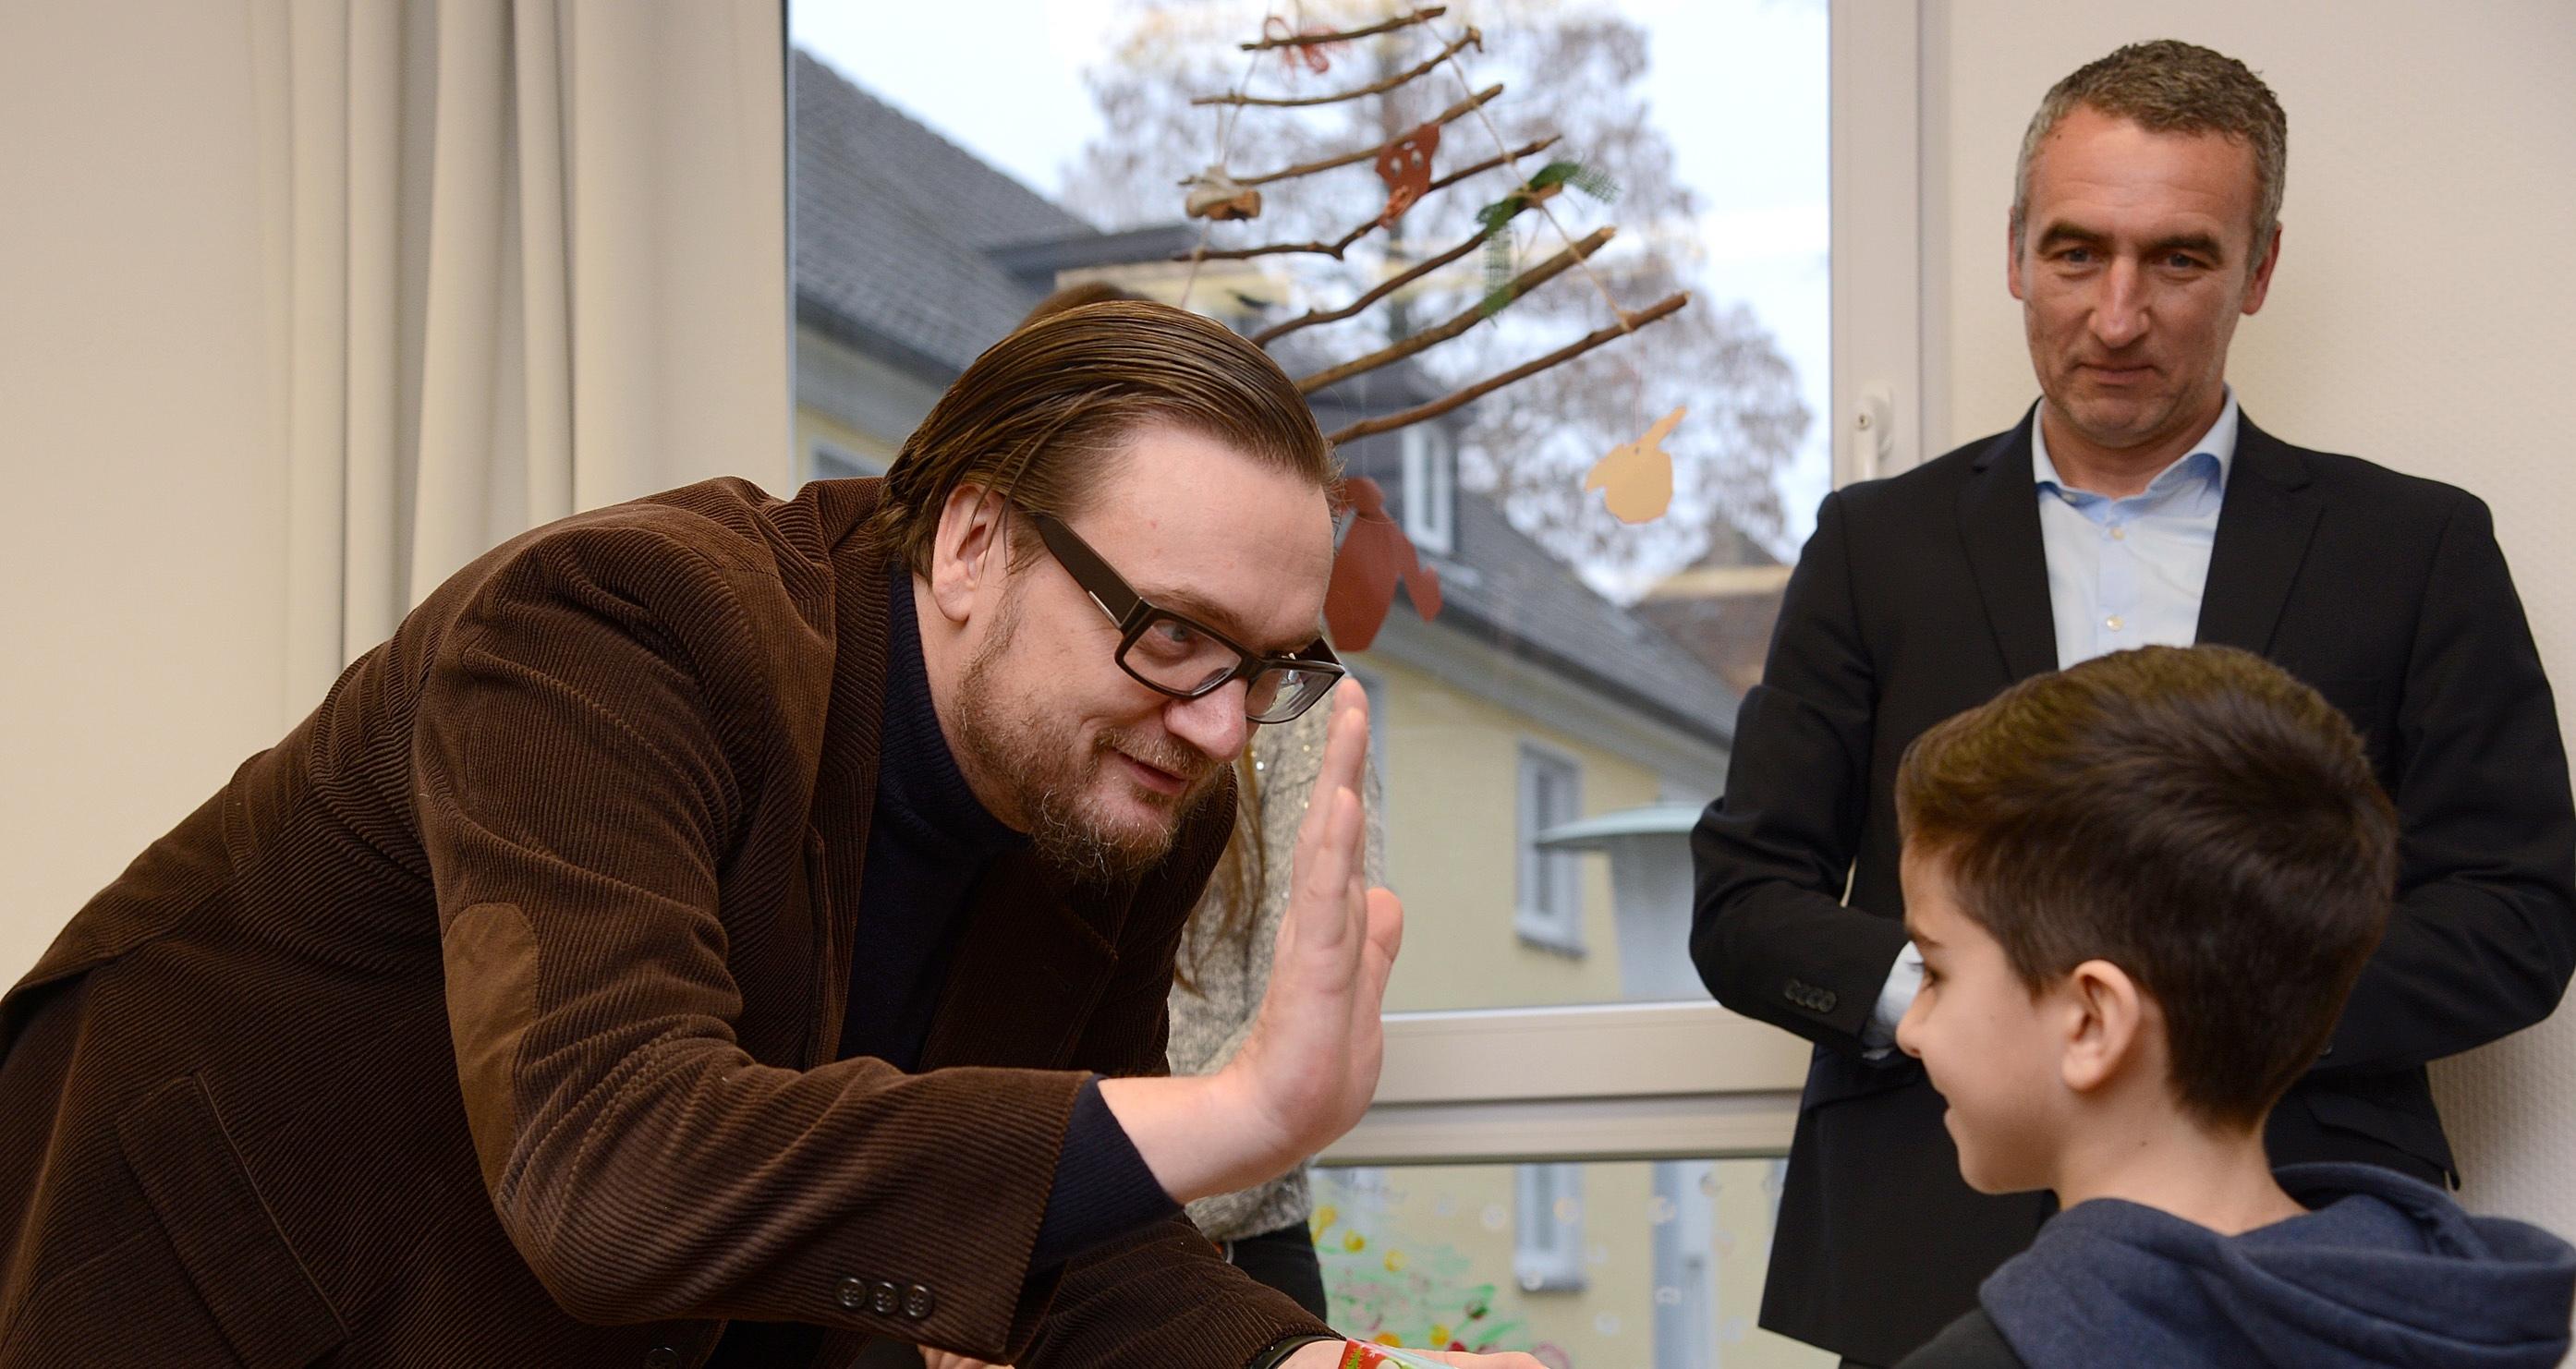 Herzenswunsch erfüllt: Die Rot-Weiss-Essen- und Essener-Chancen-Vorstände Prof. Dr. Michael Welling (li.) und Marcus Uhlig (re.) waren als Weihnachtsmänner im Einsatz. (Fotos: Müller/EC)